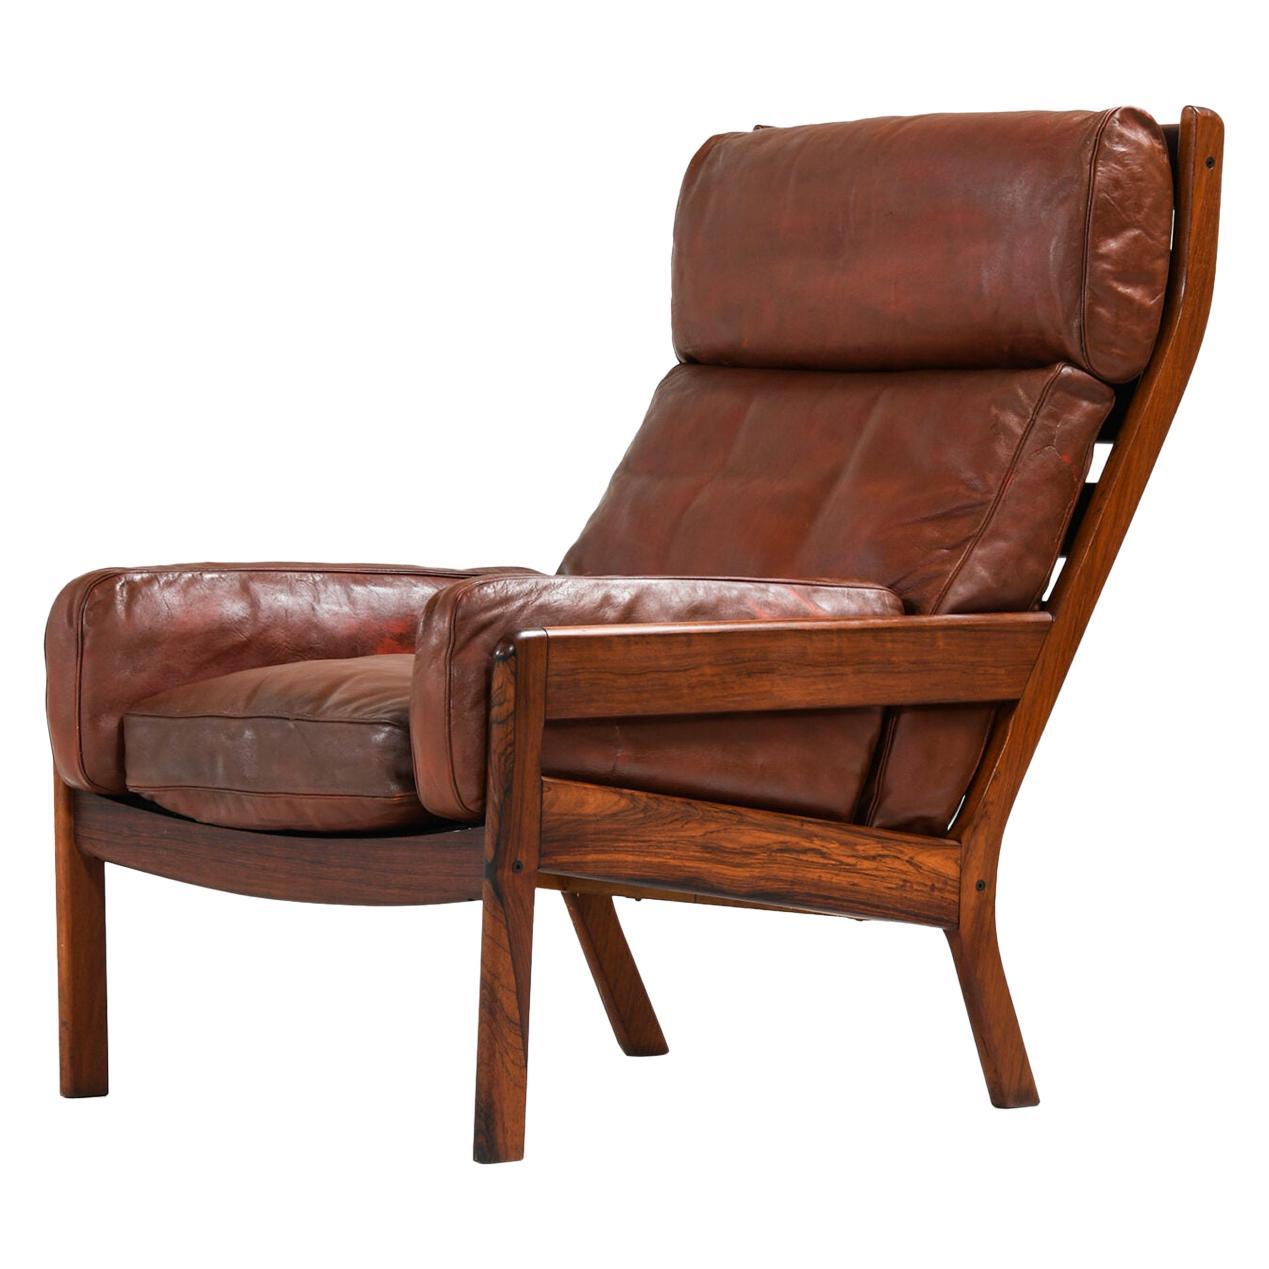 Erik Ole Jørgensen Easy Chair Produced by Georg Jørgensen & Son in Denmark